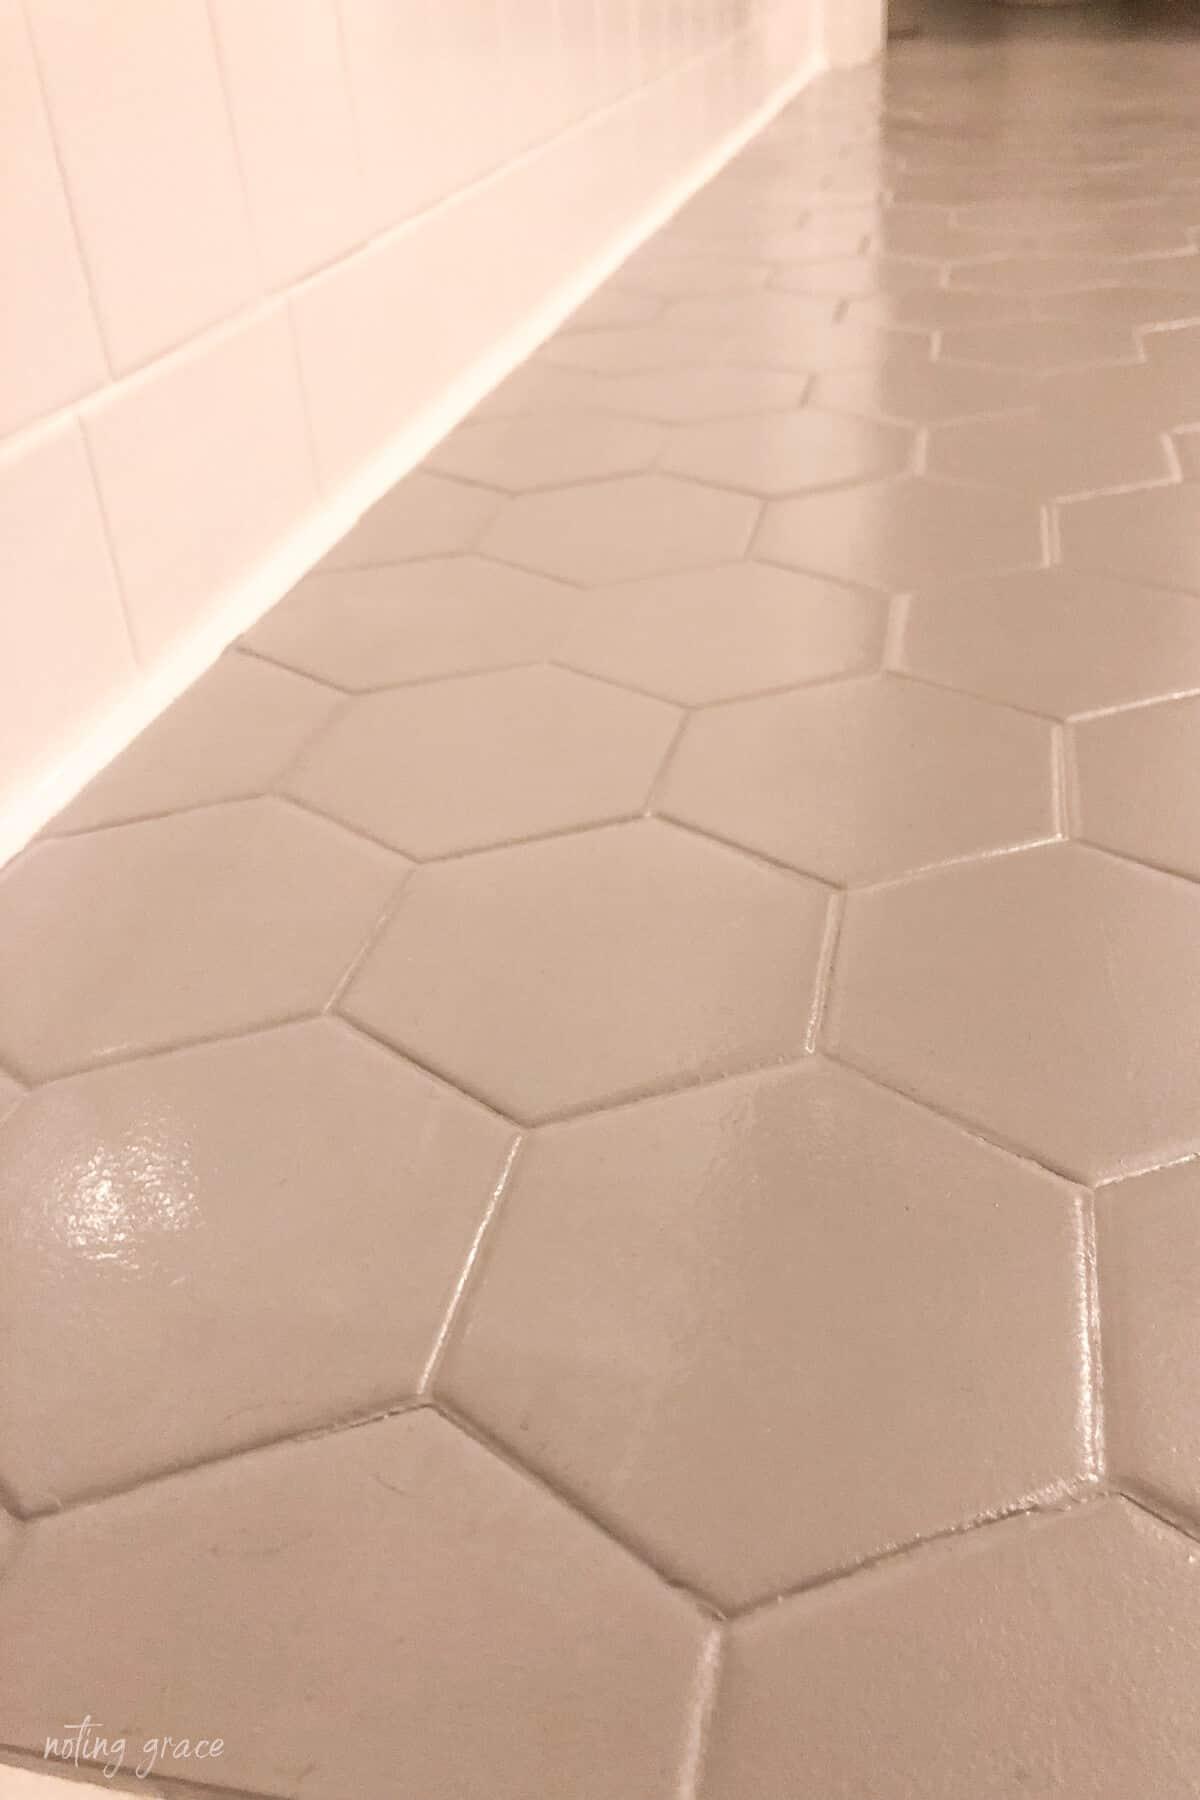 bathroom floor drying base coat of floor paint